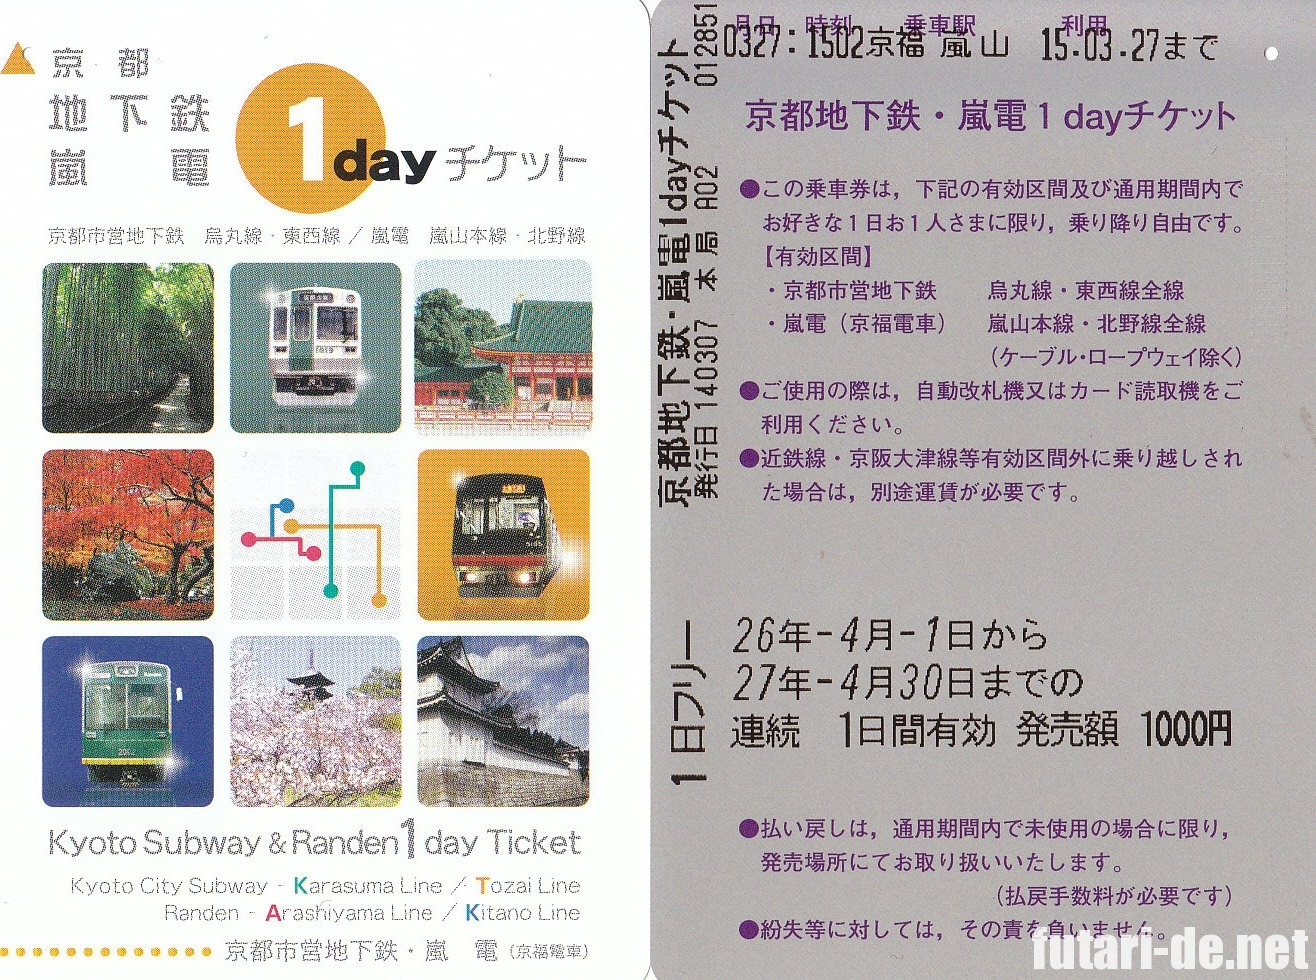 京都府 京都 京都地下鉄・嵐電1dayチケット